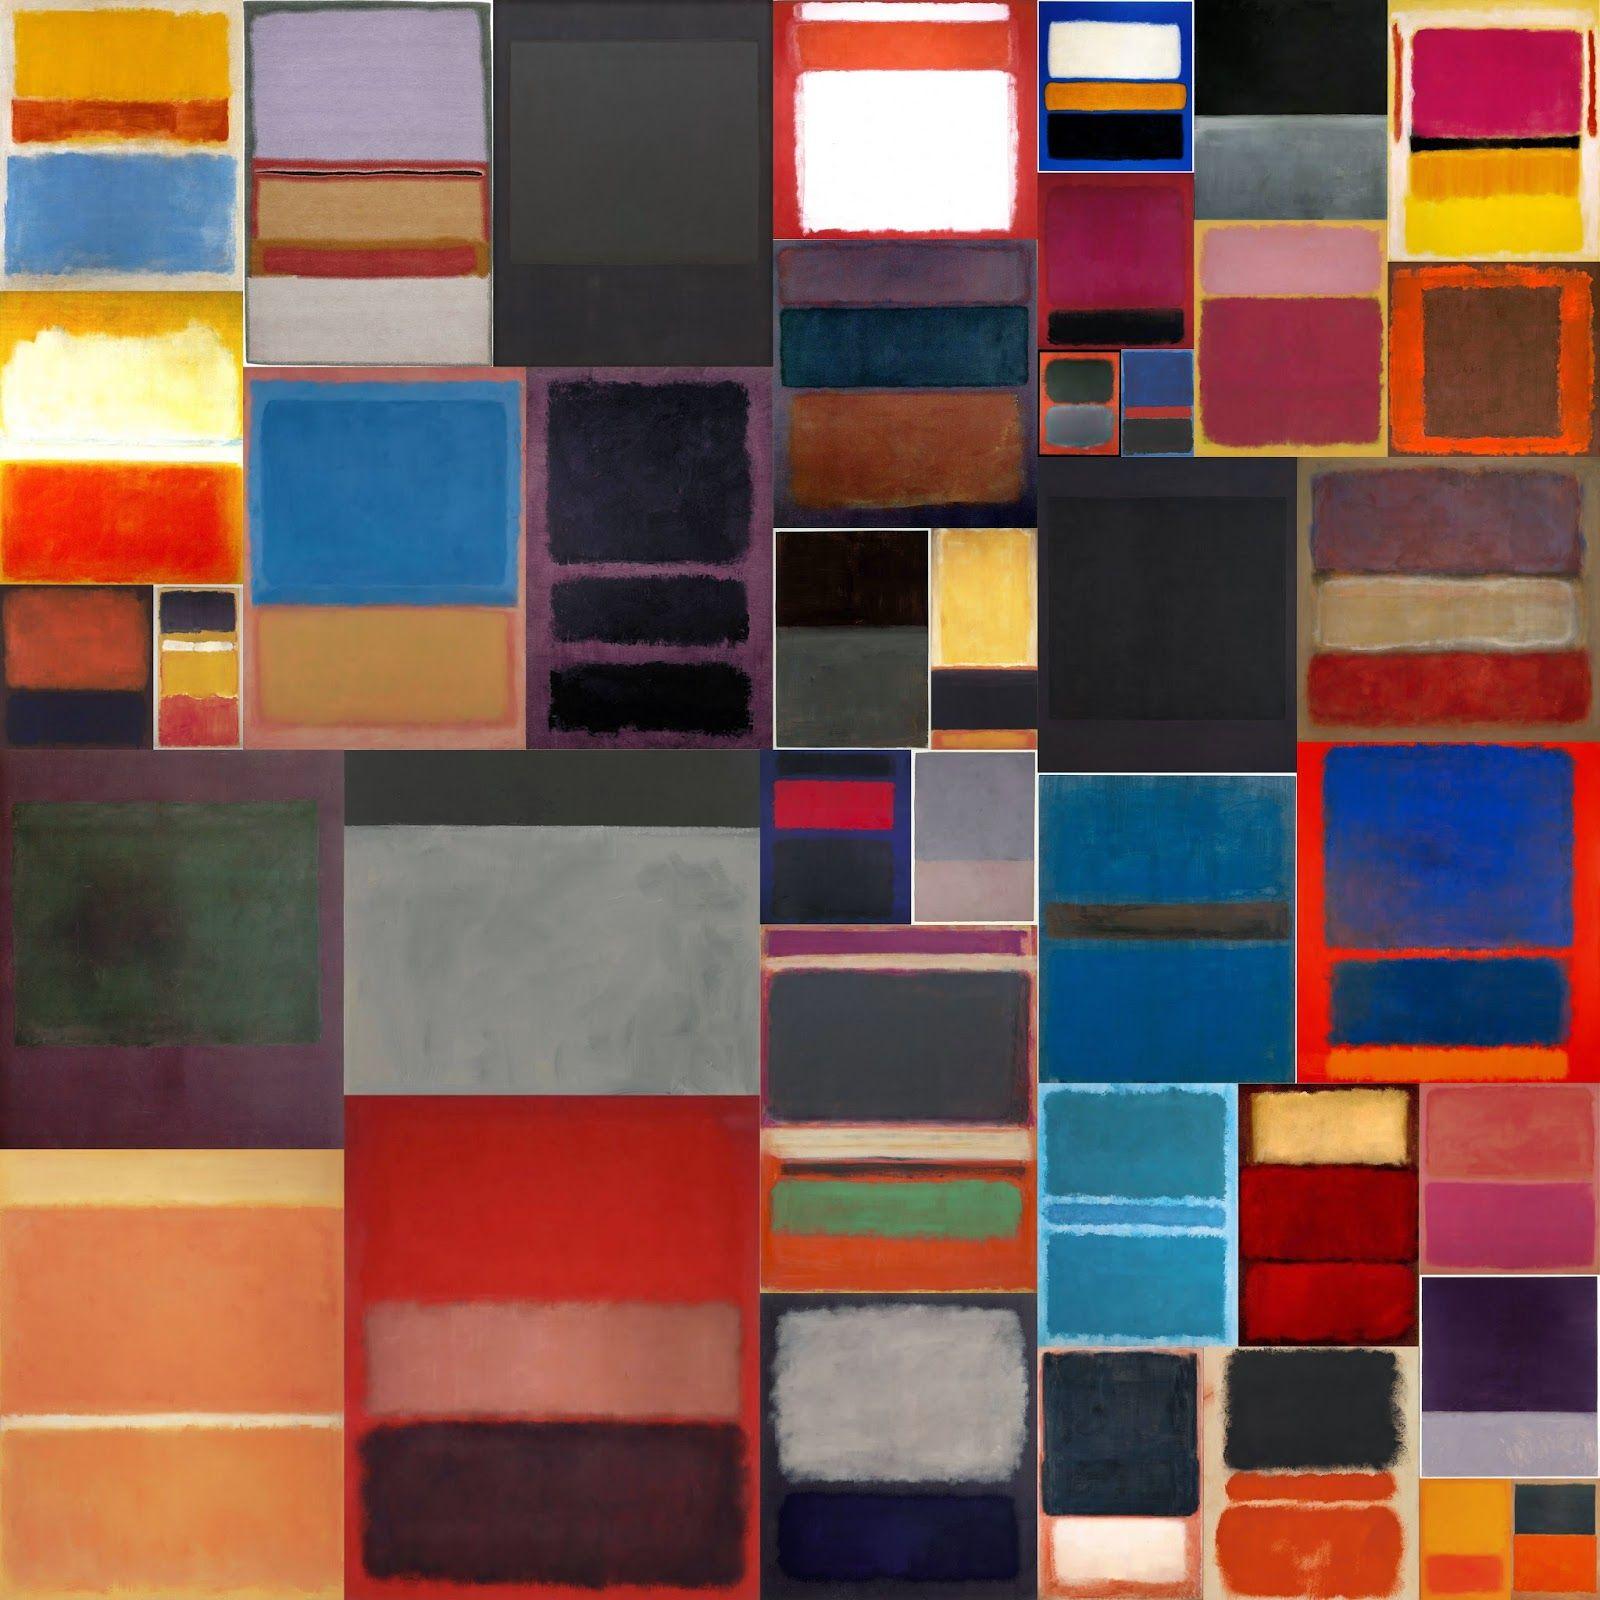 Mark Rothko Collection IX (square color field)